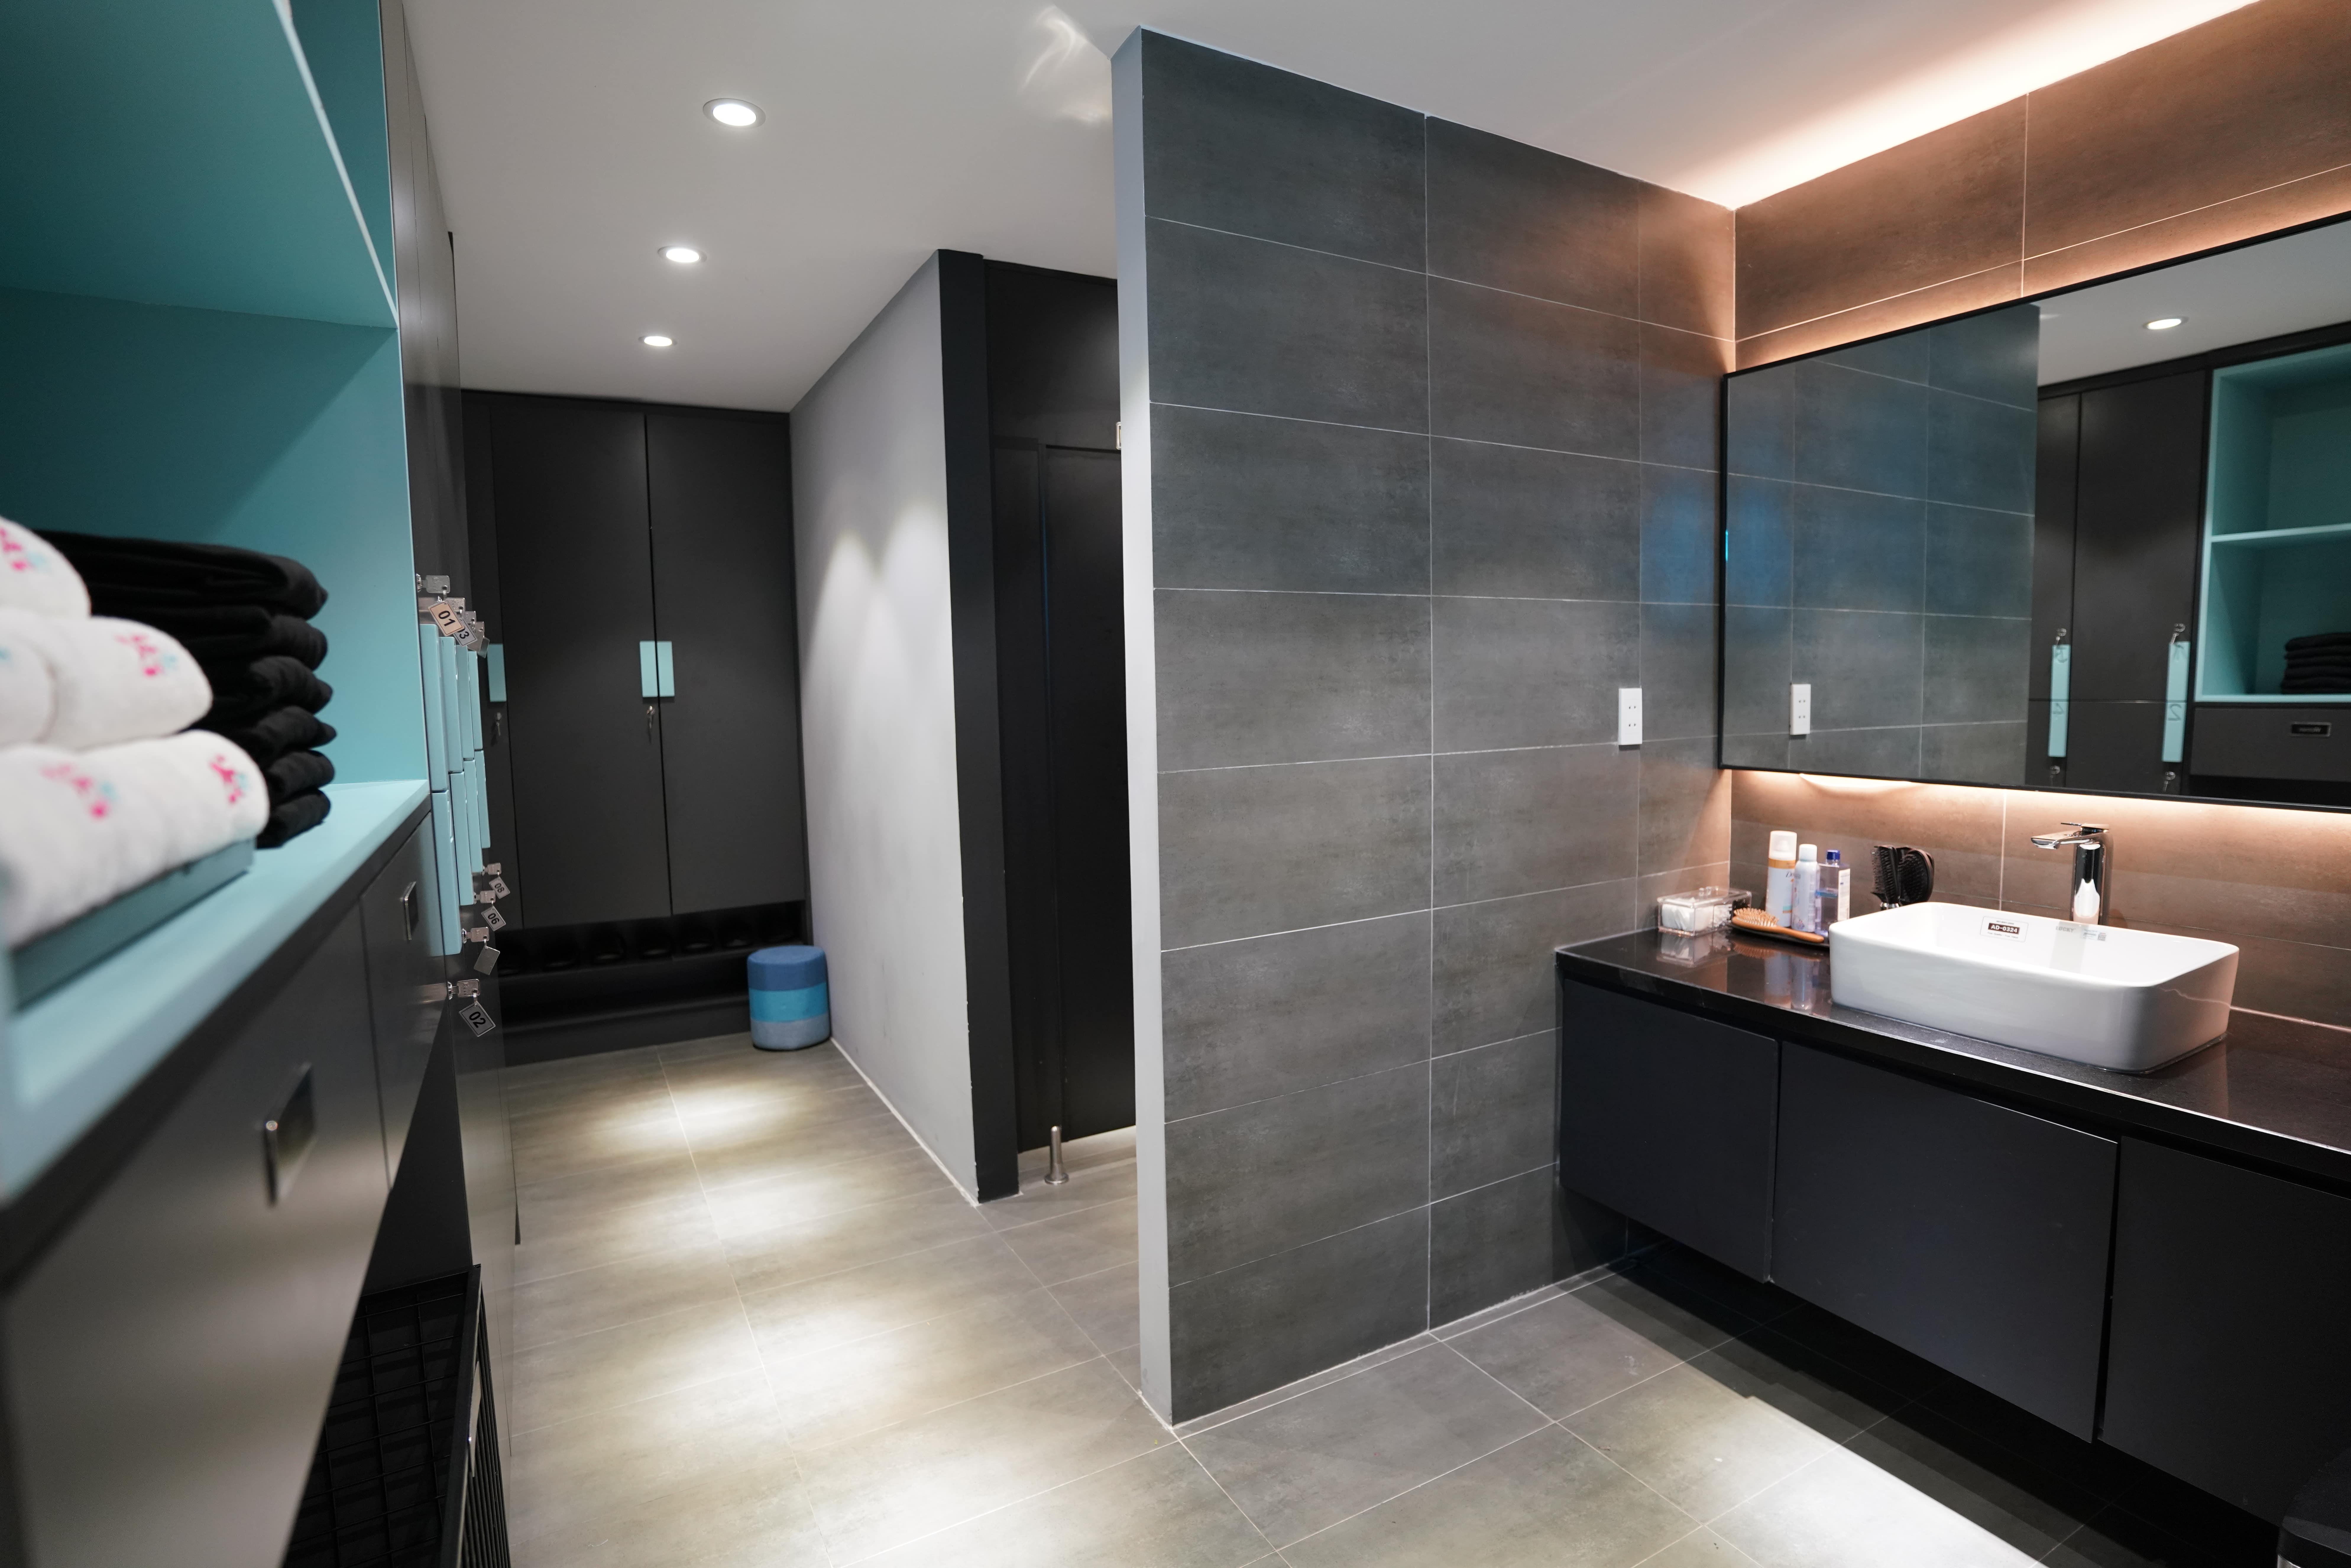 Kiểm tra vệ sinh mỗi giờ một lần đảm bảo vệ sinh